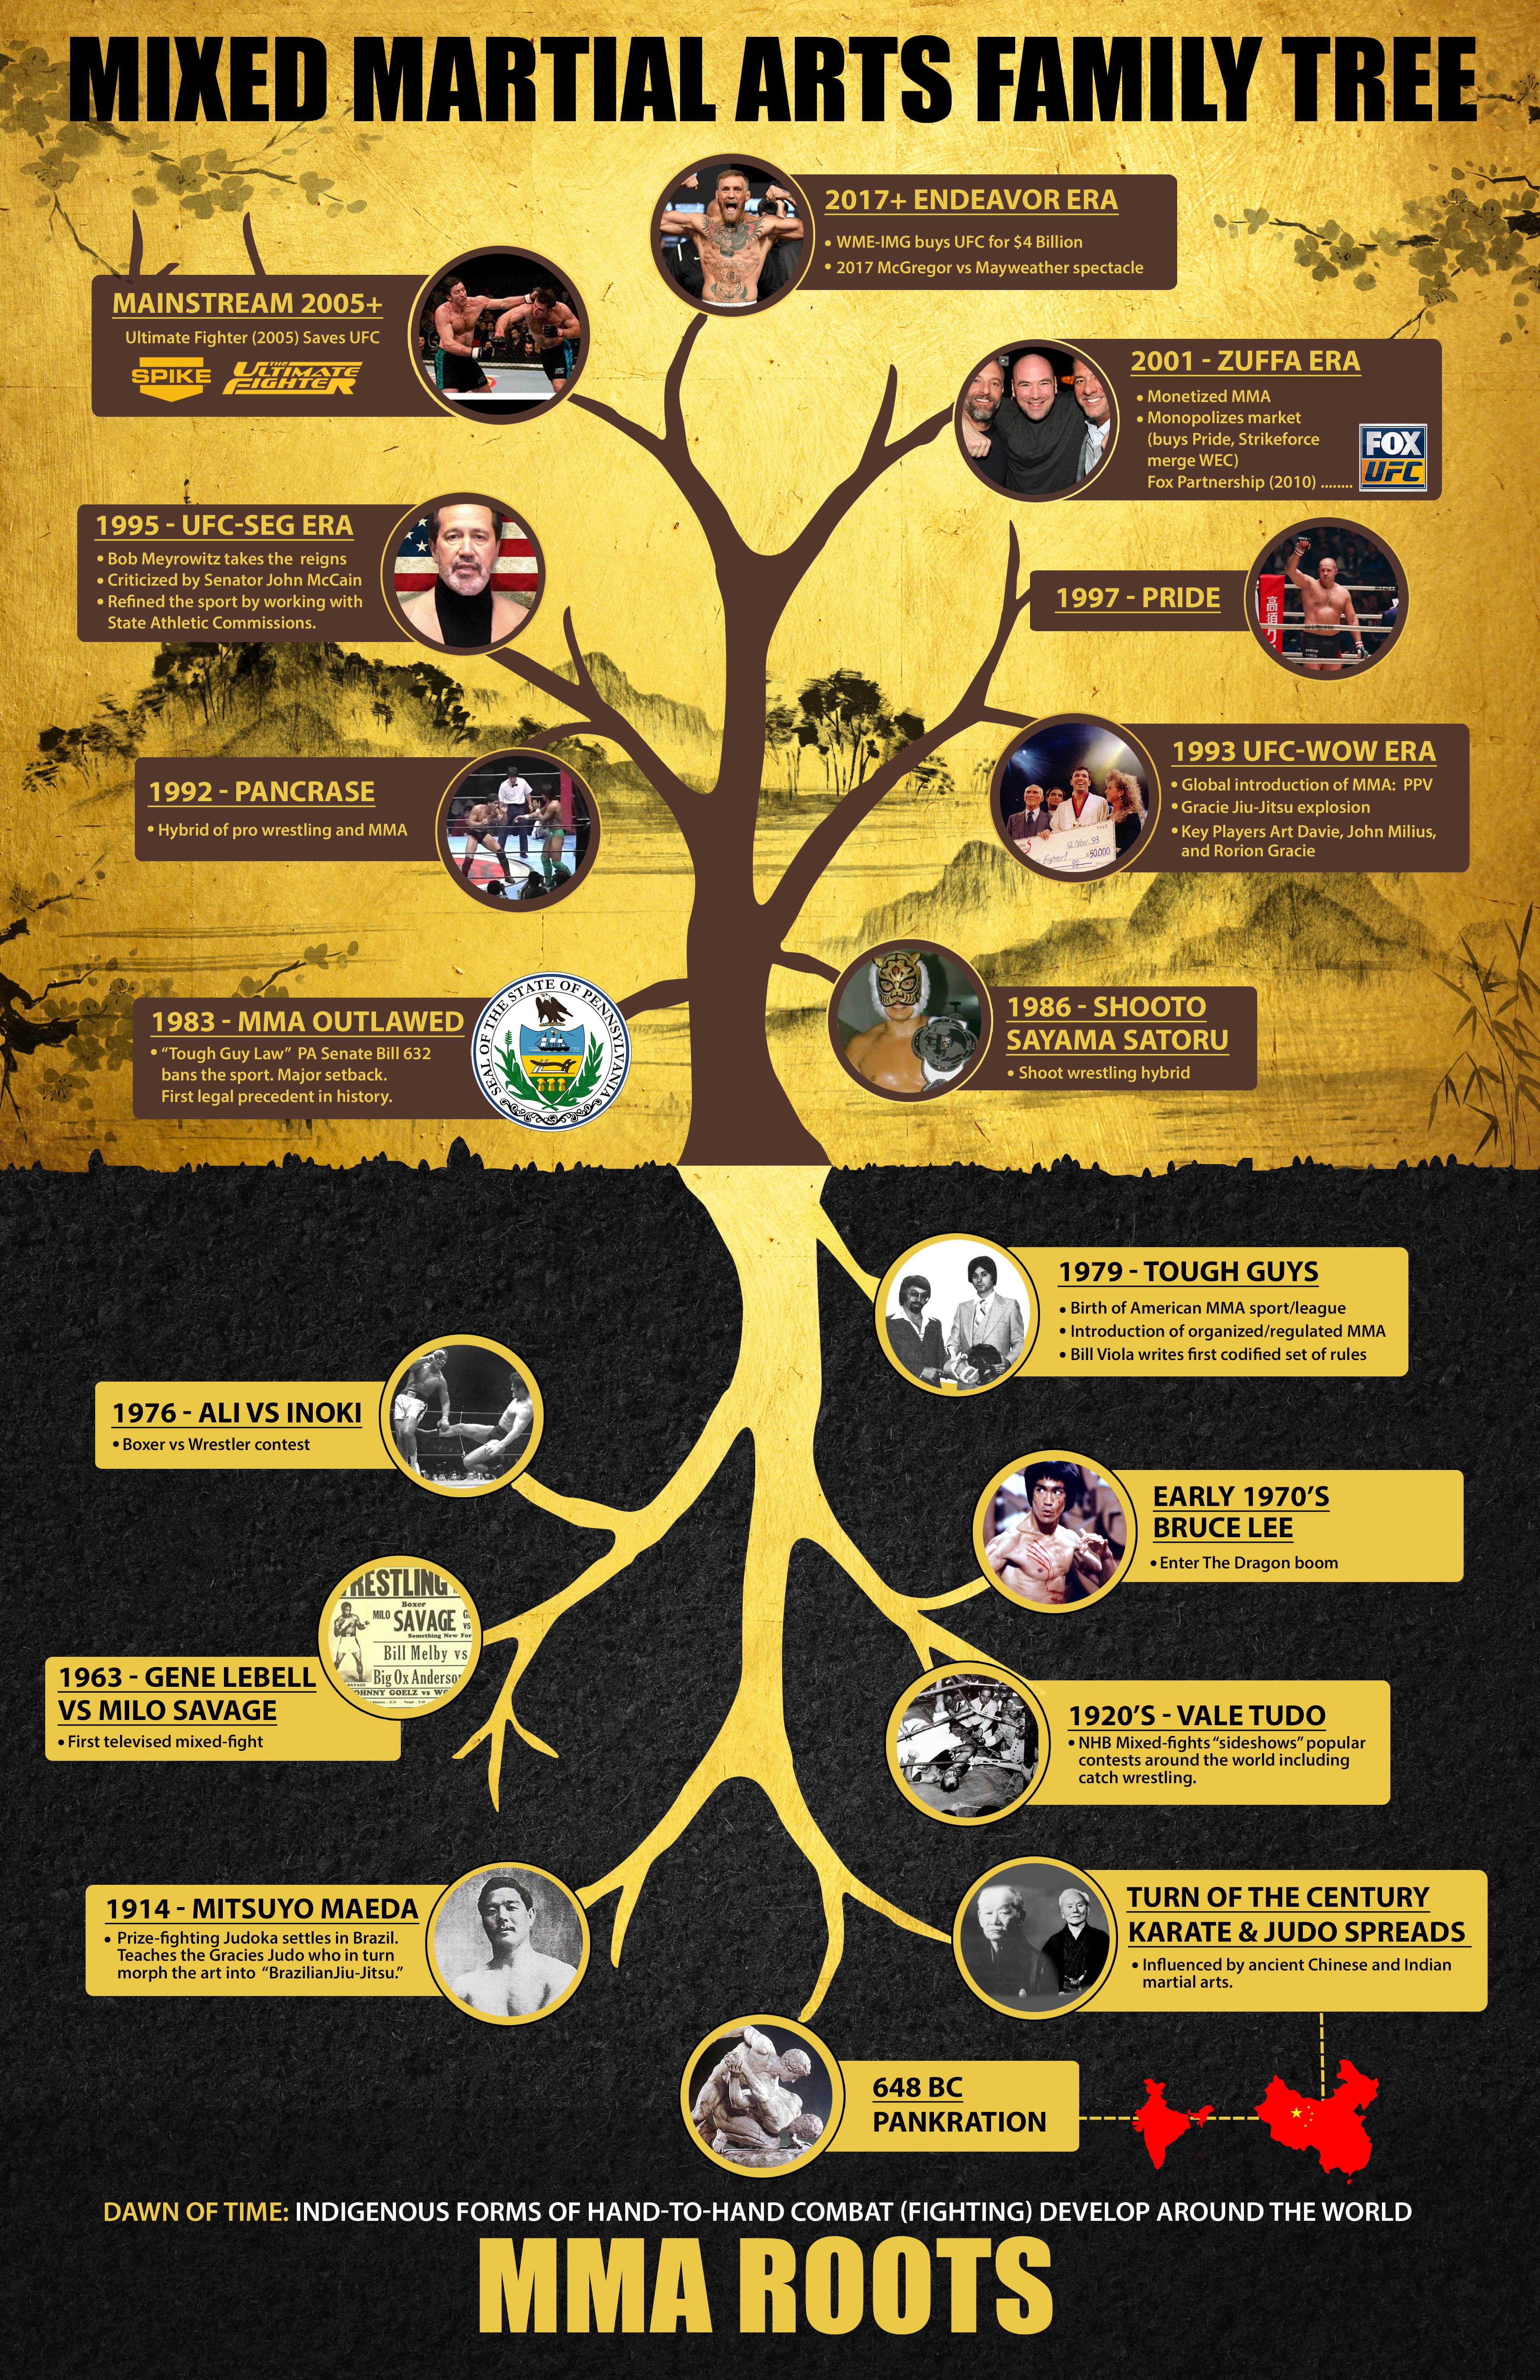 MMA Family Tree